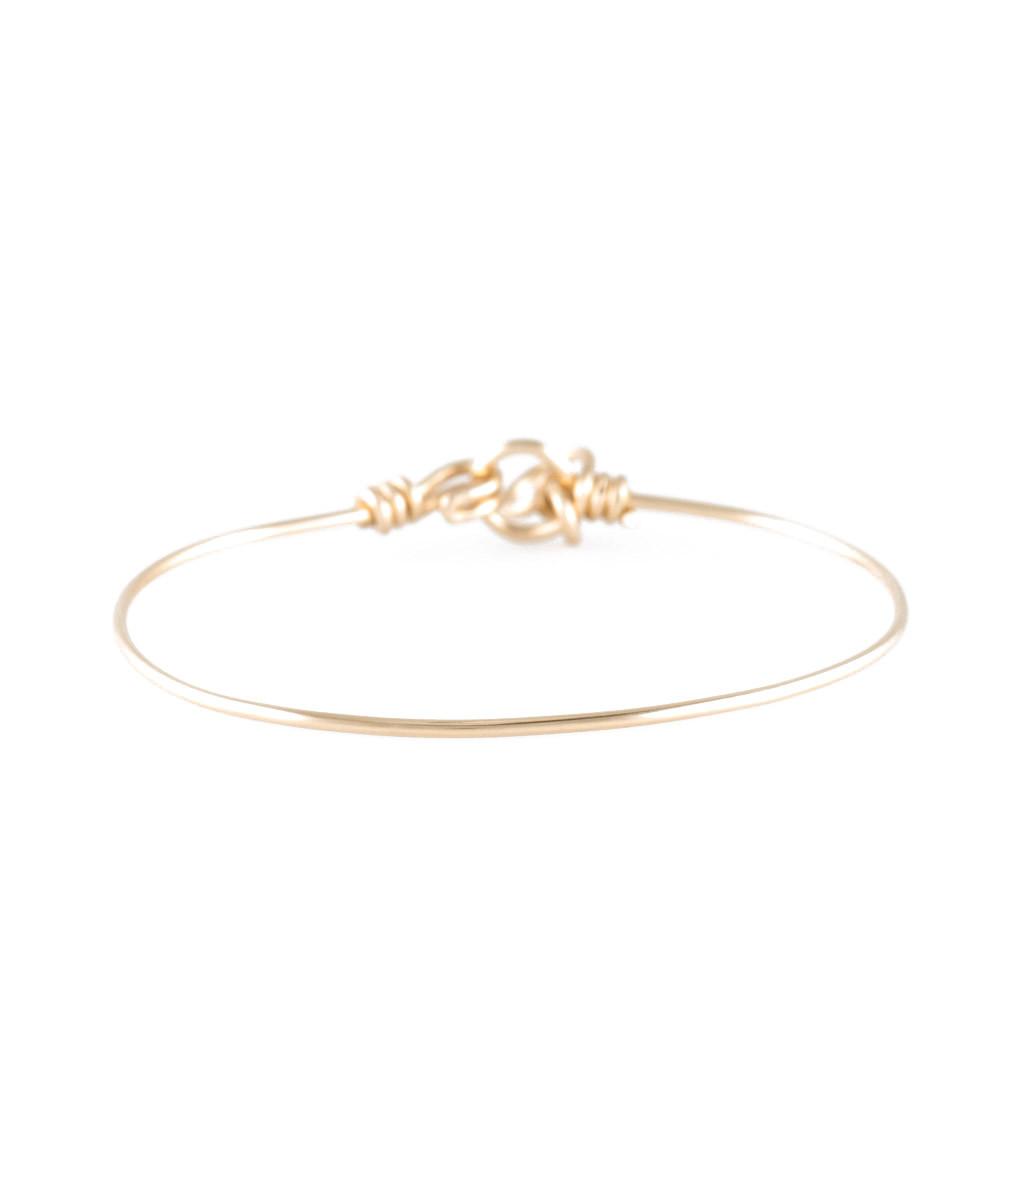 ATELIER PAULIN - Bracelet Fil Nude Pur Gold Filled Jaune